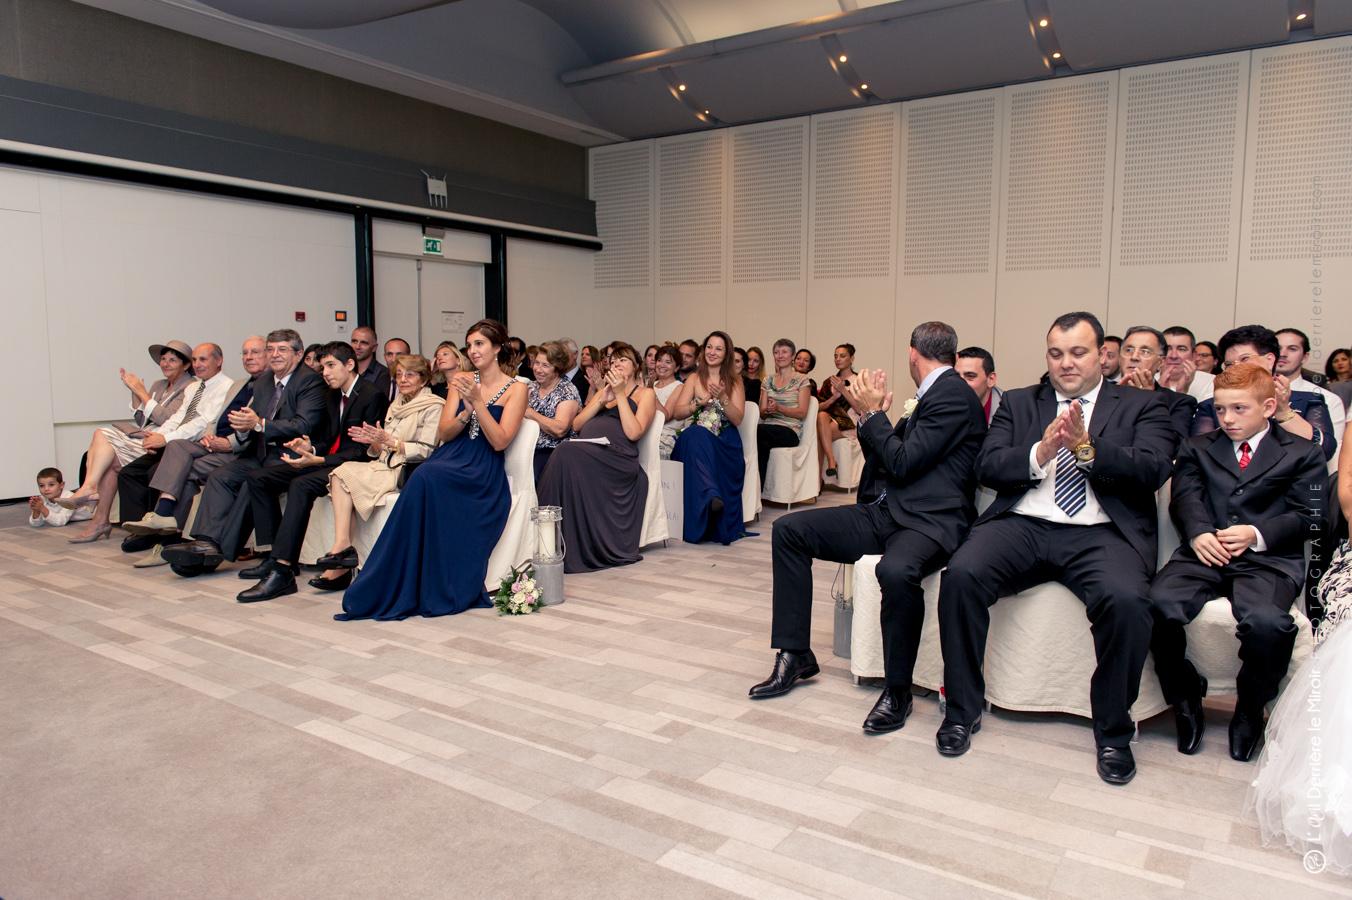 Photographe-mariage-monaco-loeilderrierelemiroir-041